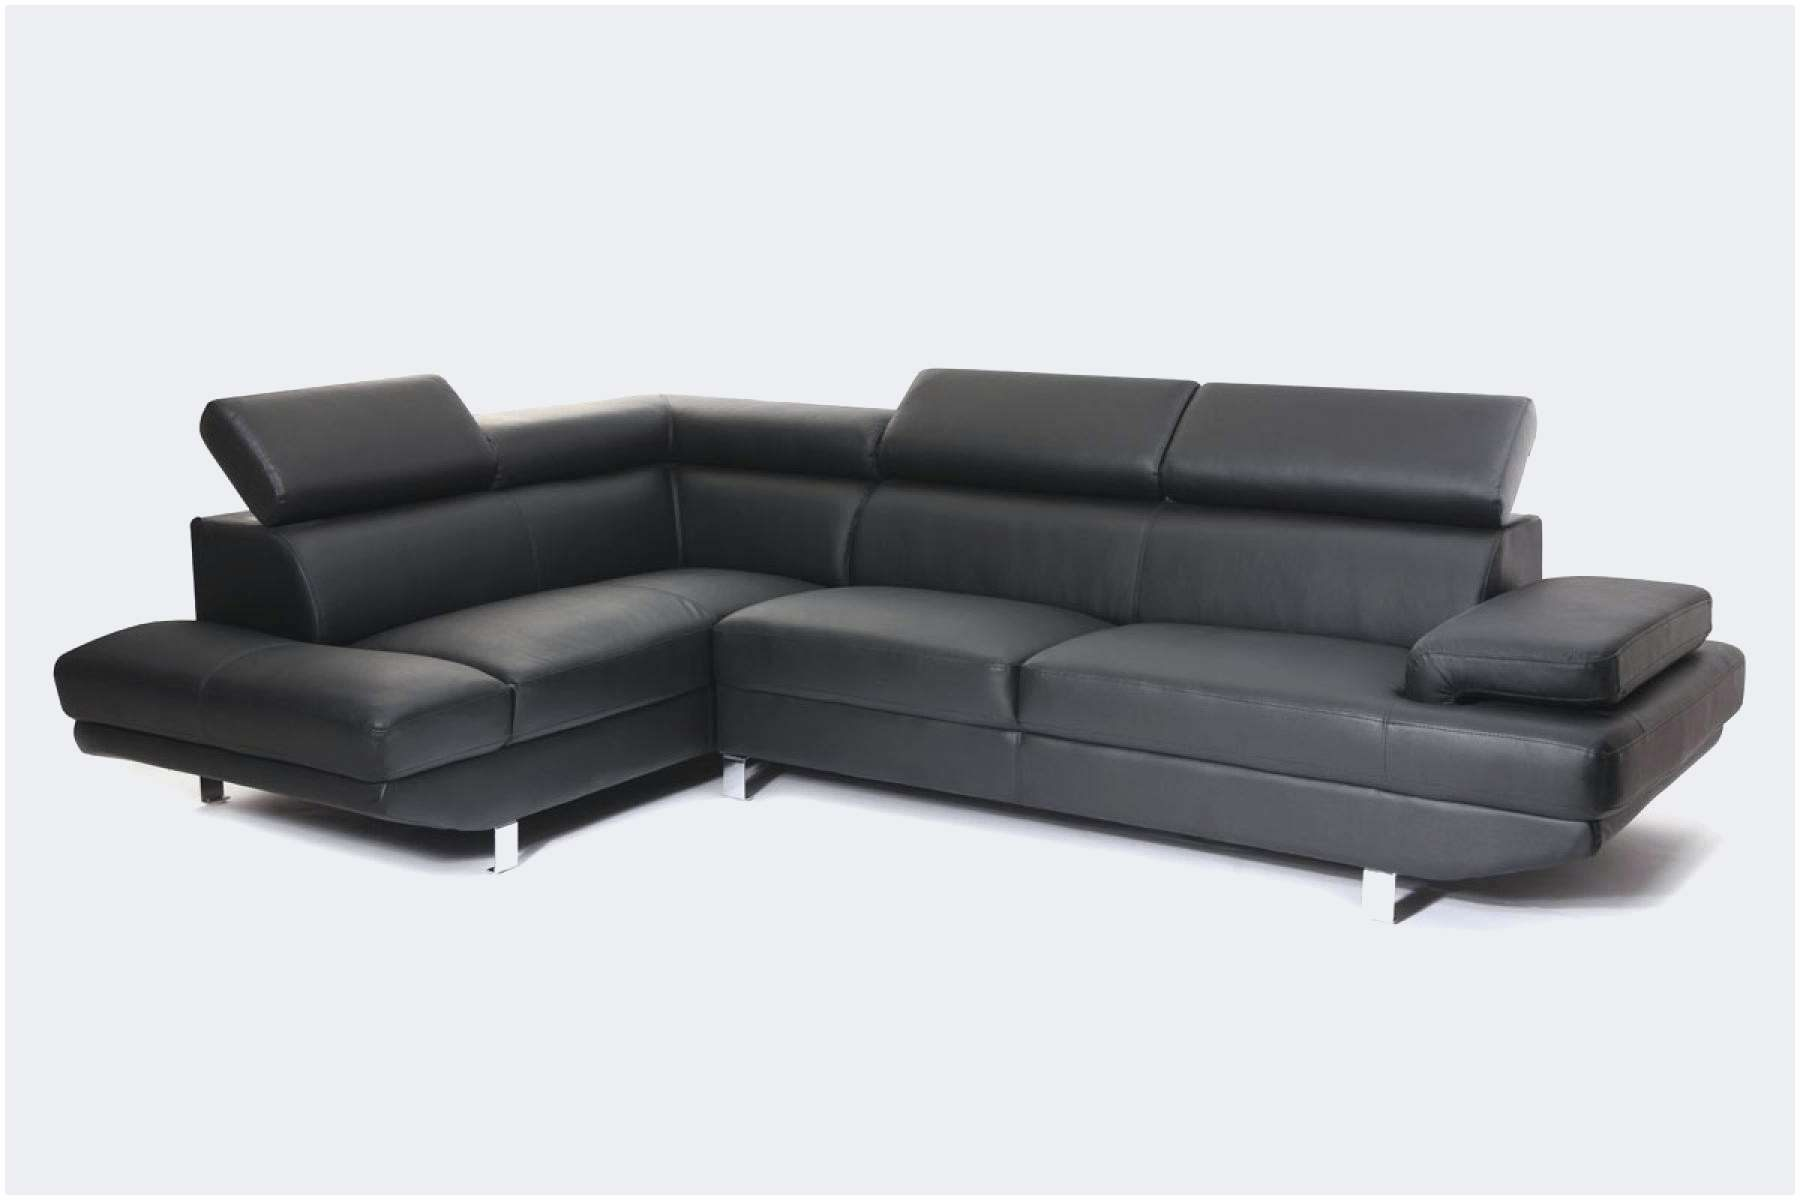 Canapé Lit Gigogne Adulte Nouveau 60 Canapé Lit Gigogne Ikea Vue Jongor4hire